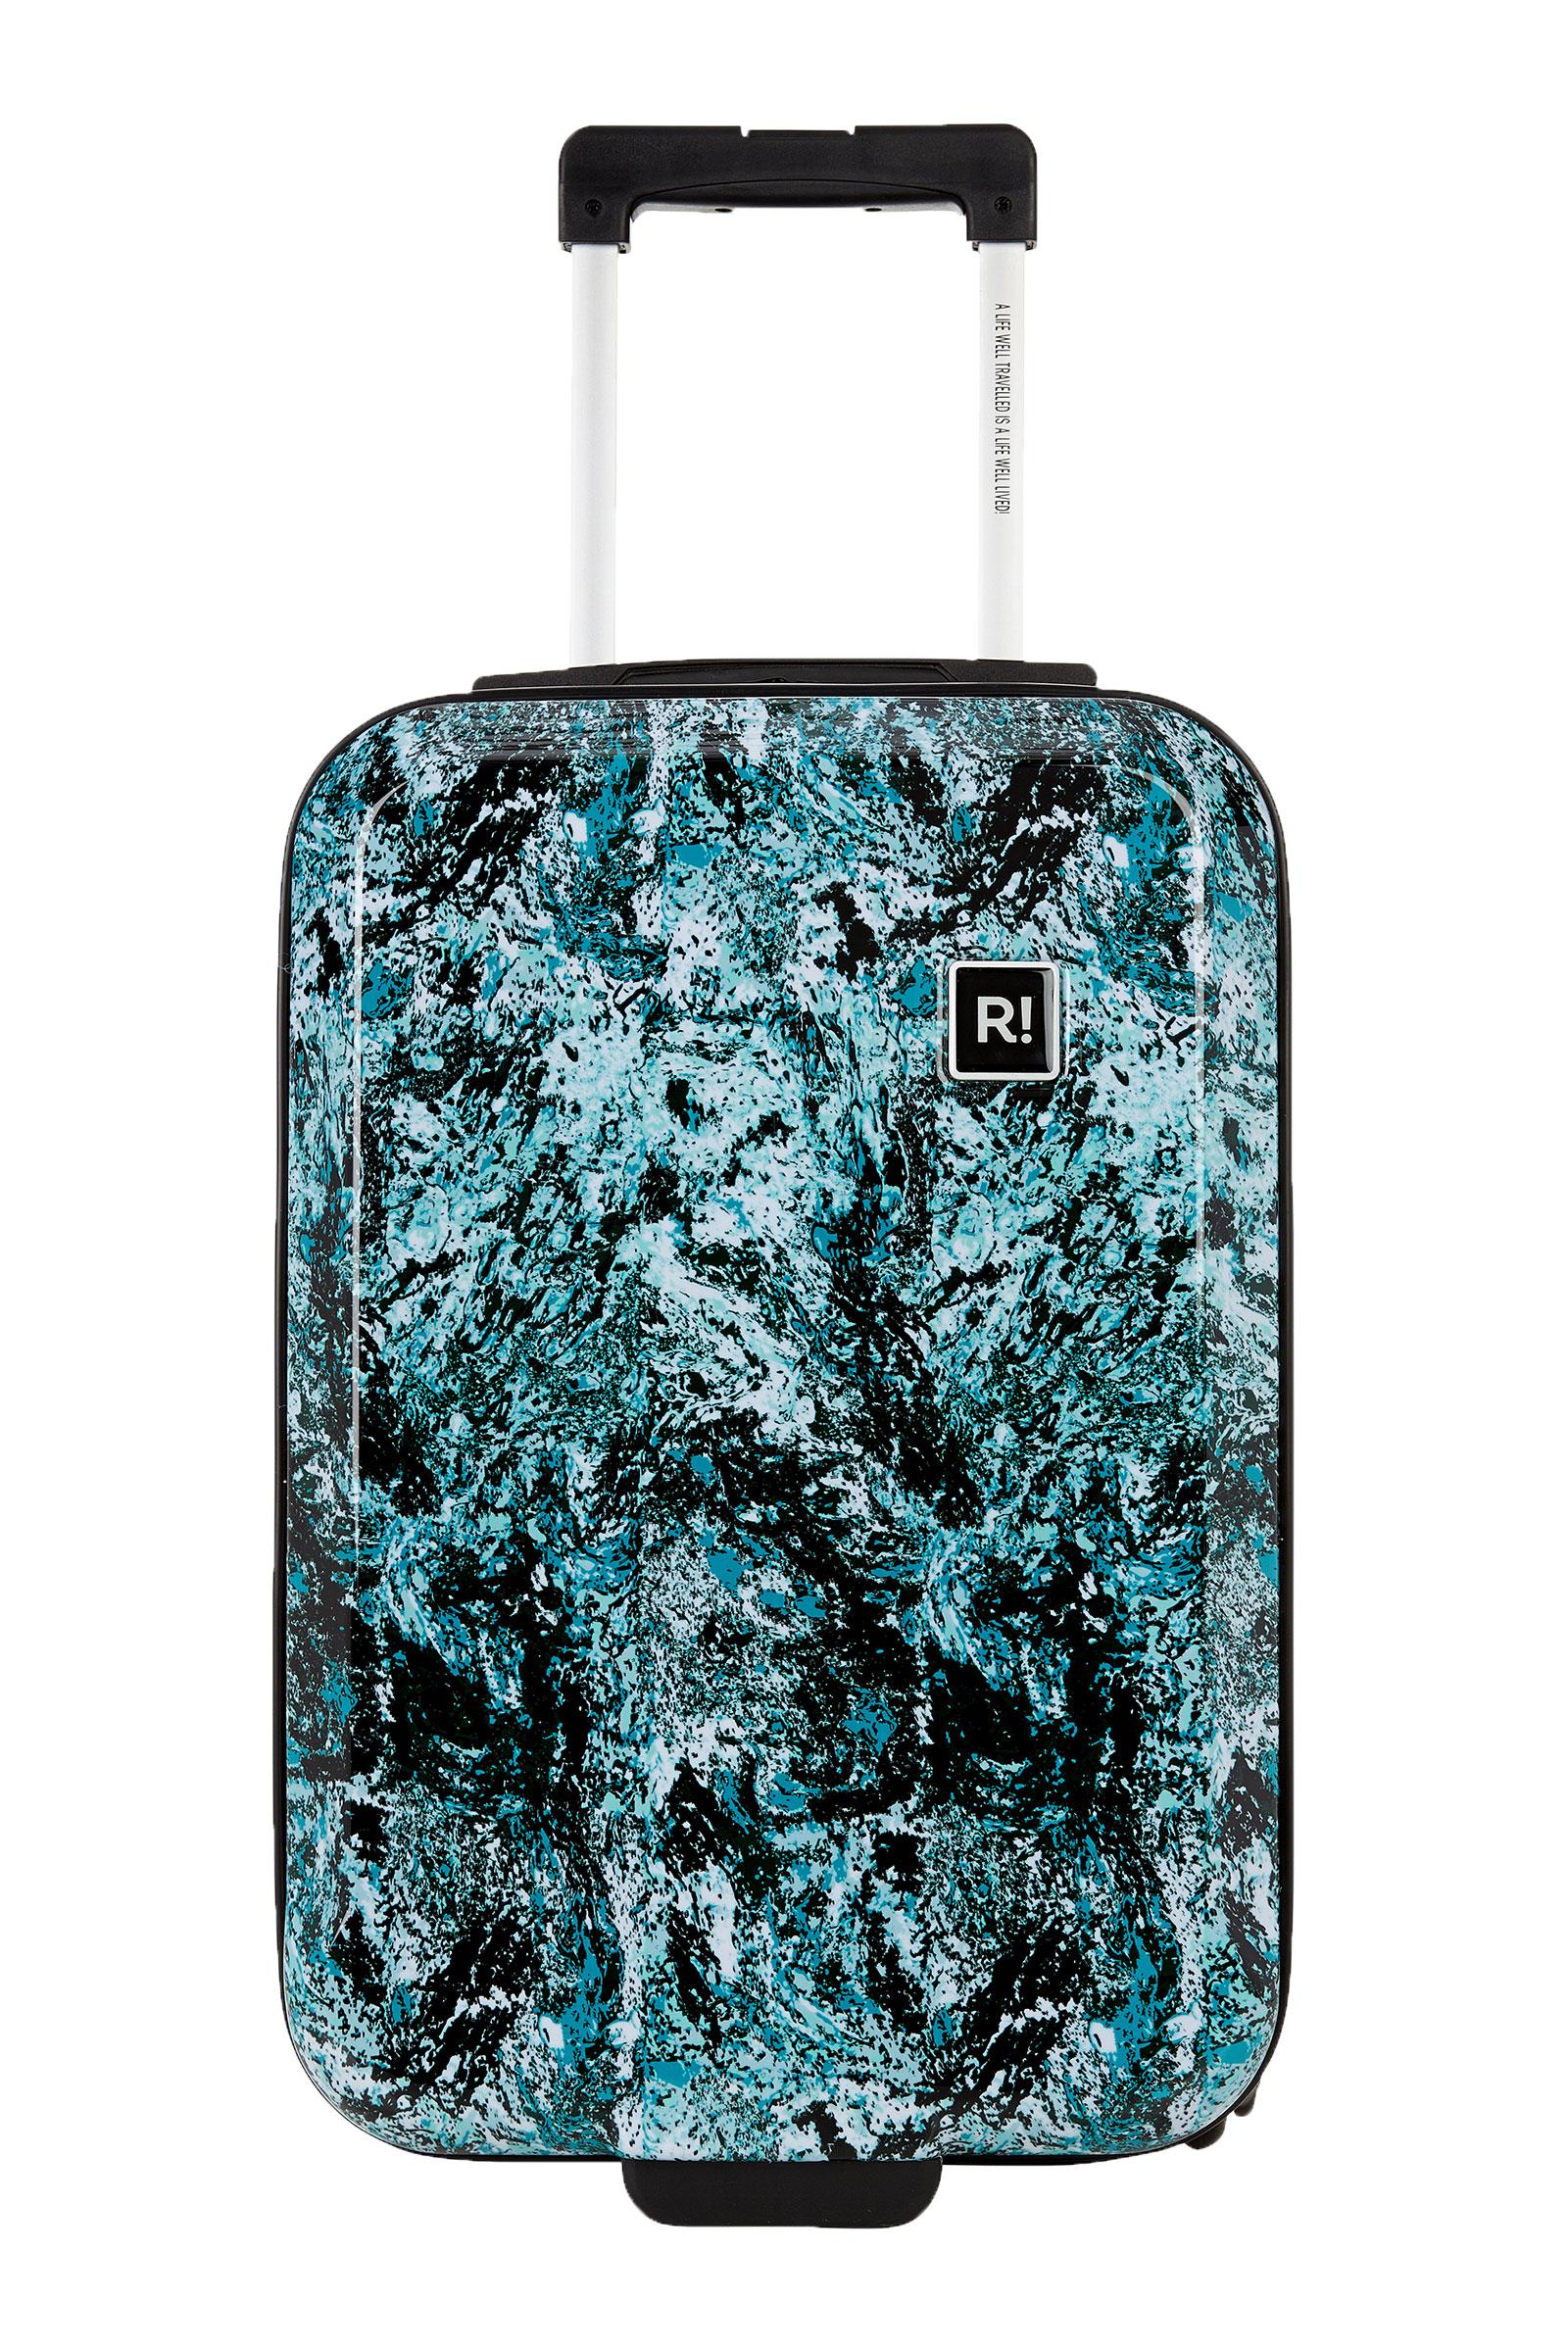 Revelation Stewart Cabin Suitcase Green